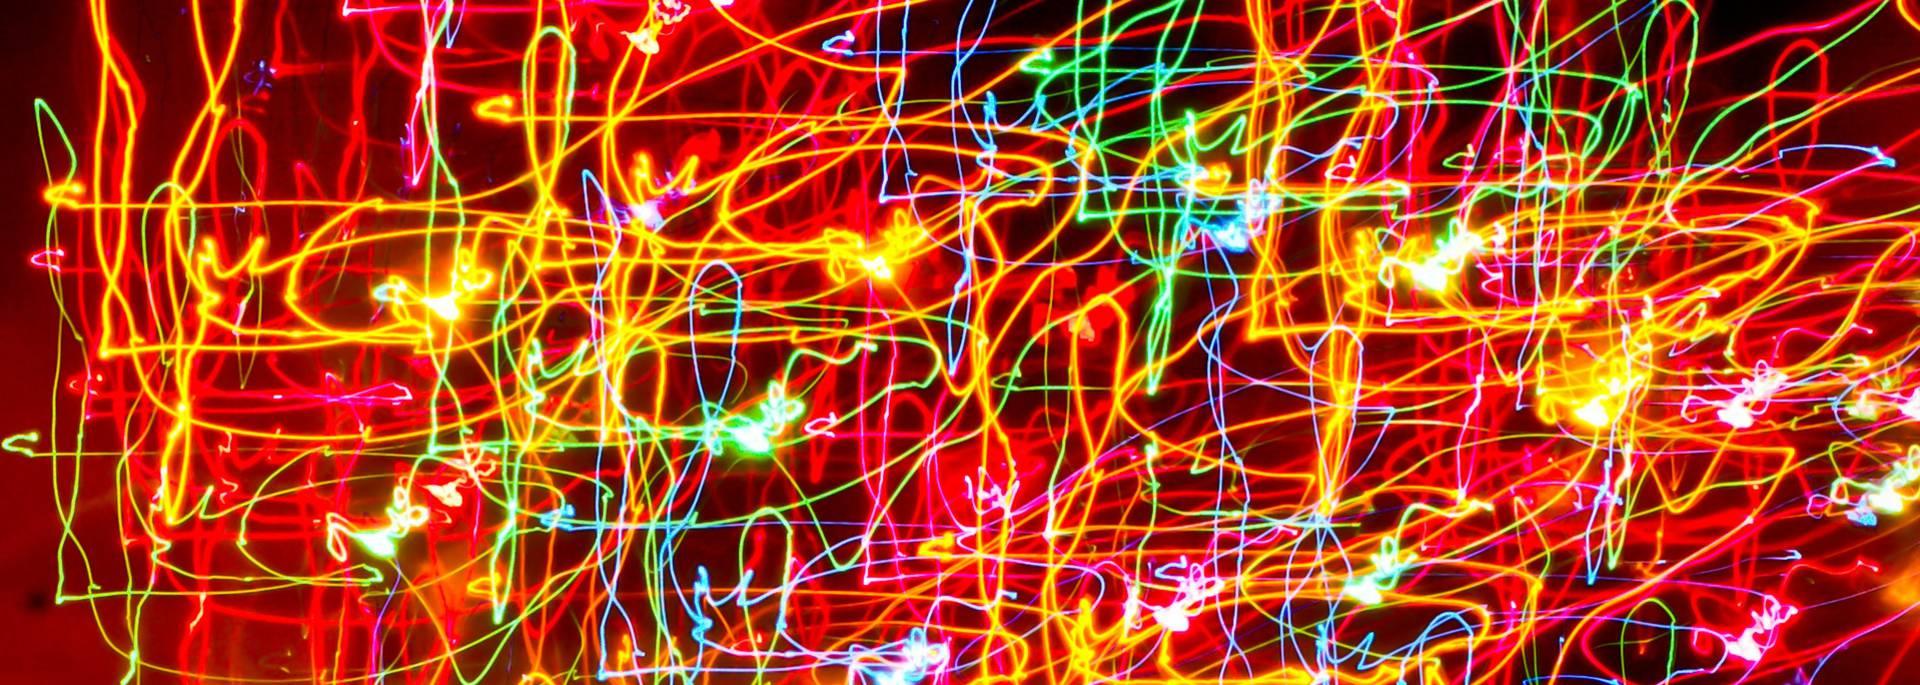 Jeux de lumières en light painting